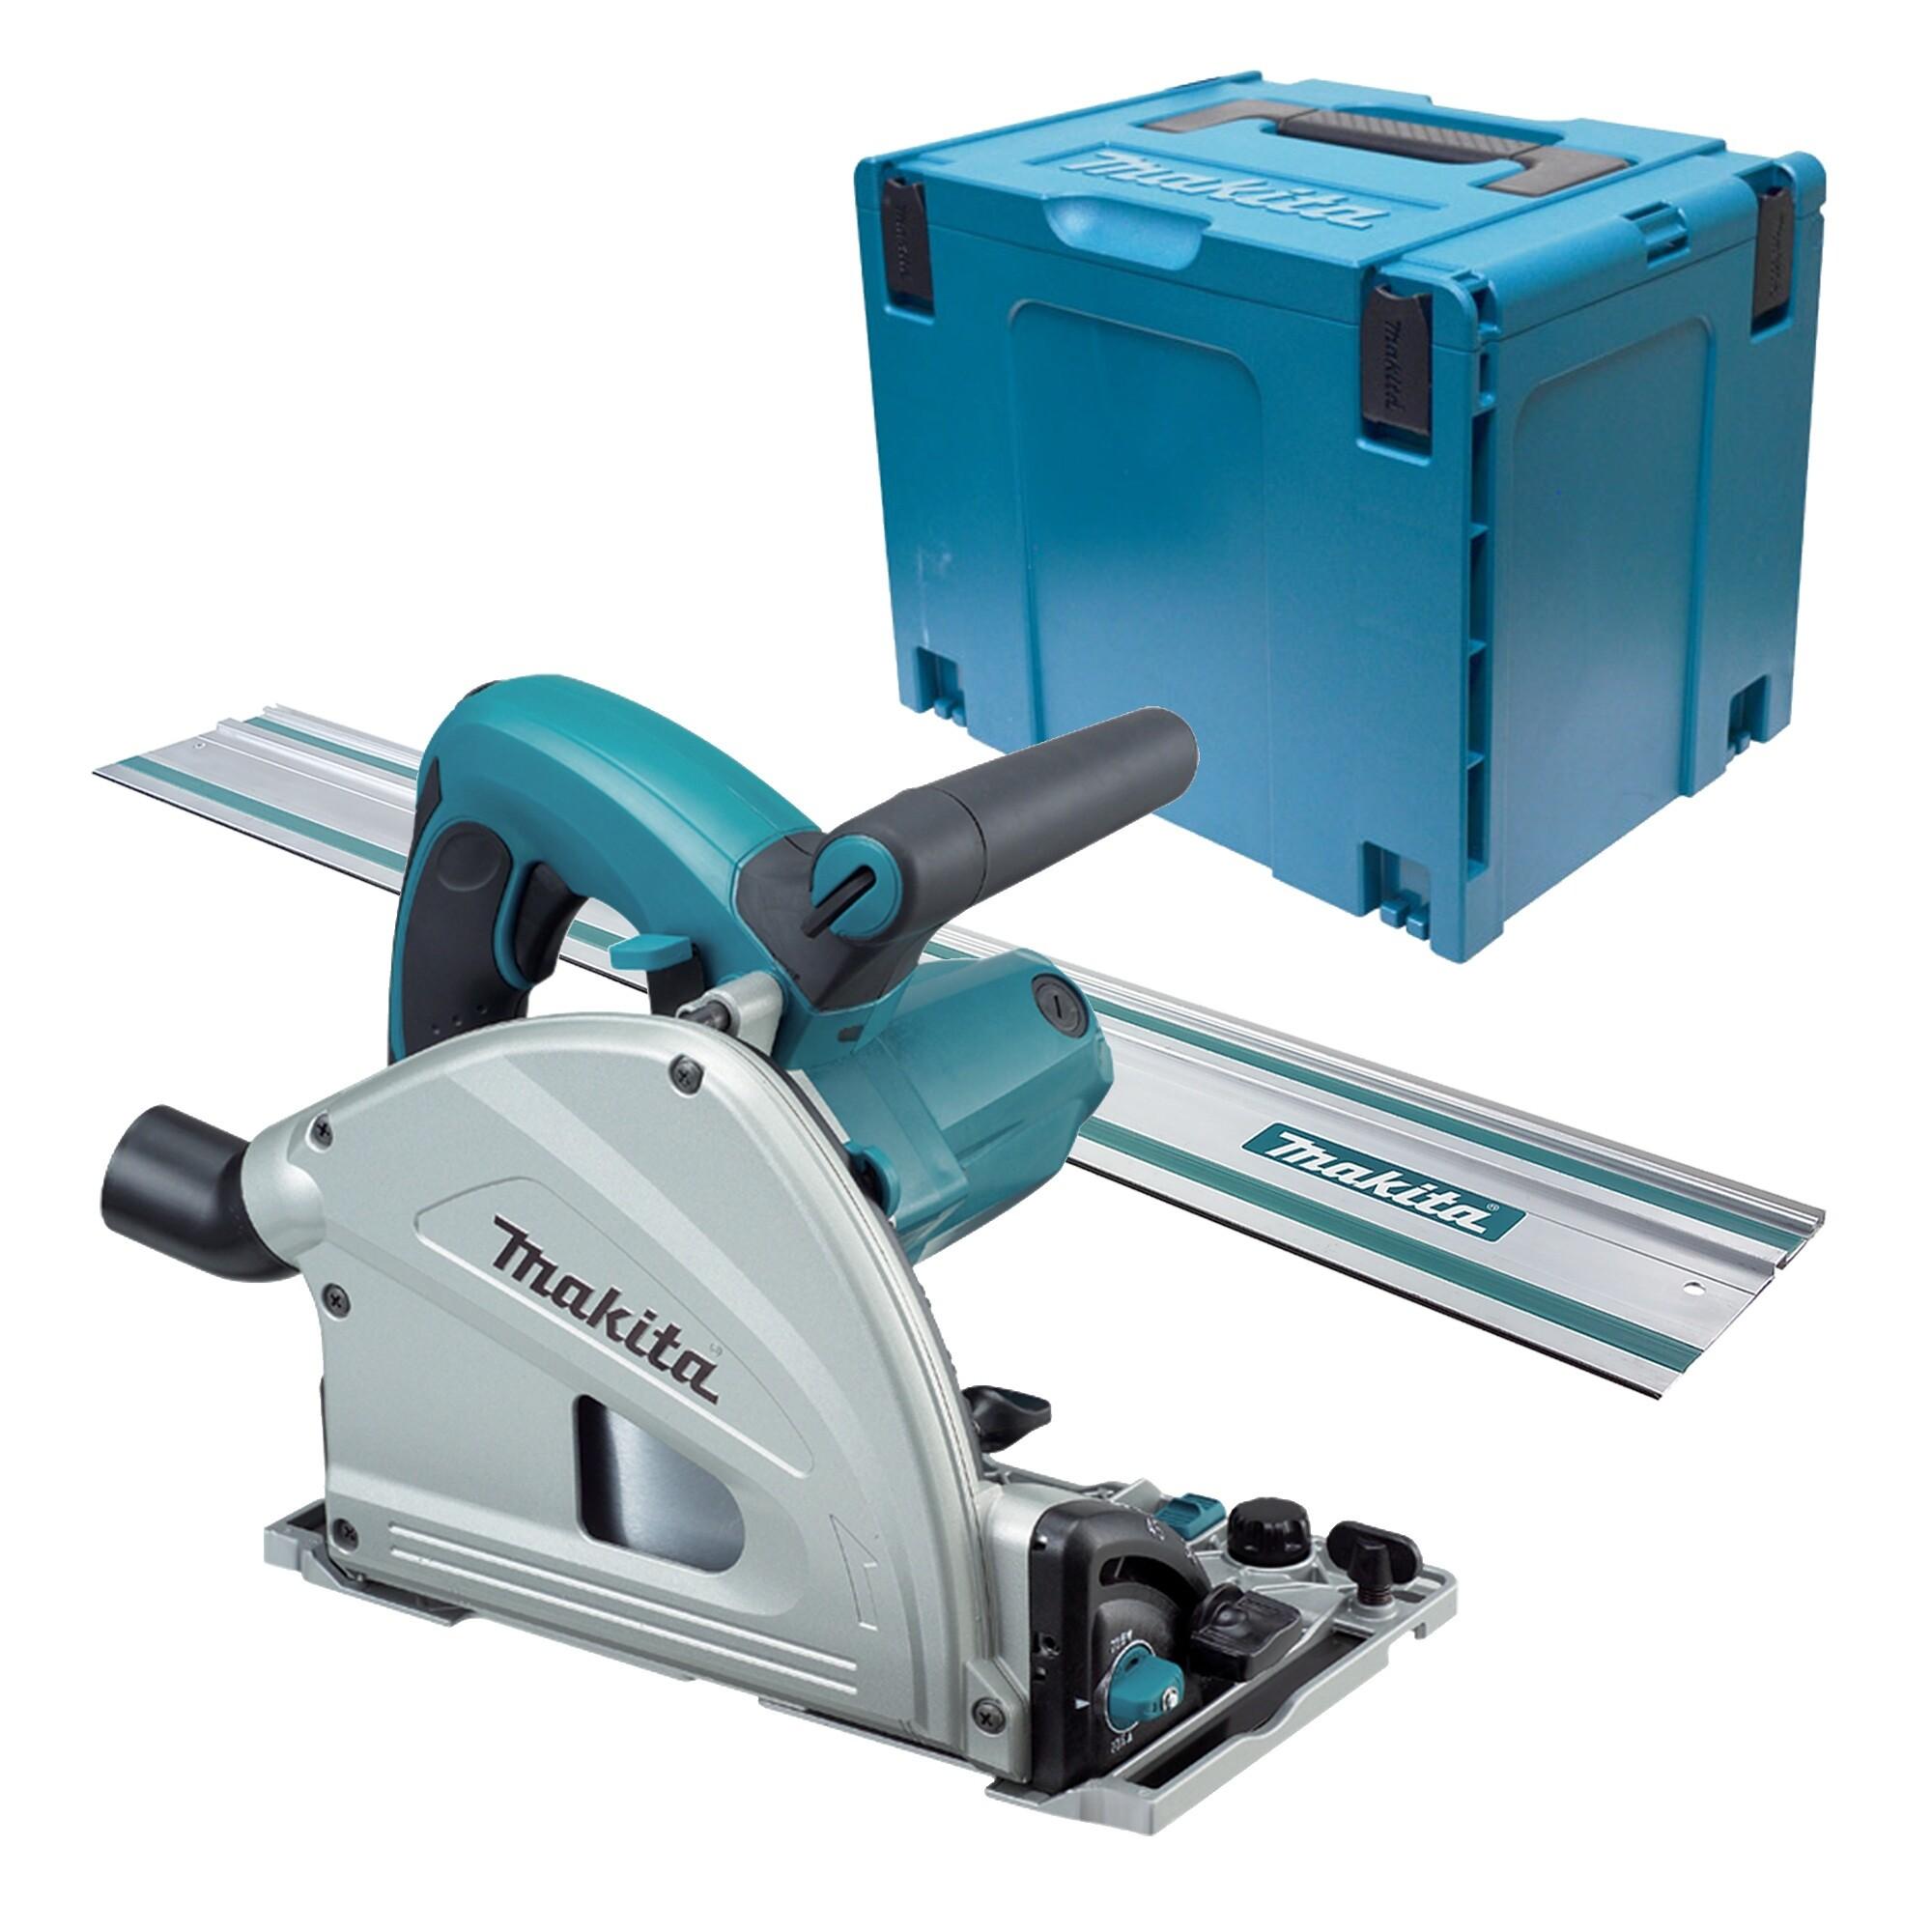 SP 6000J1 110v Plunge cut saw